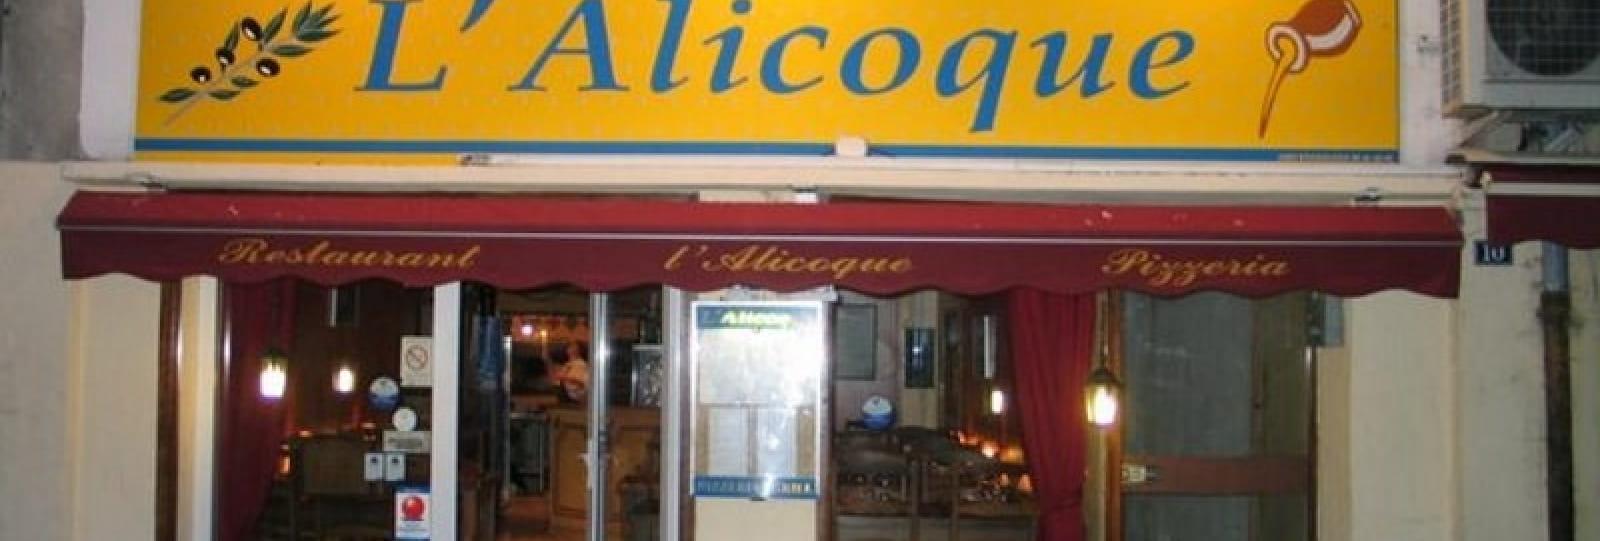 Restaurant L'Alicoque